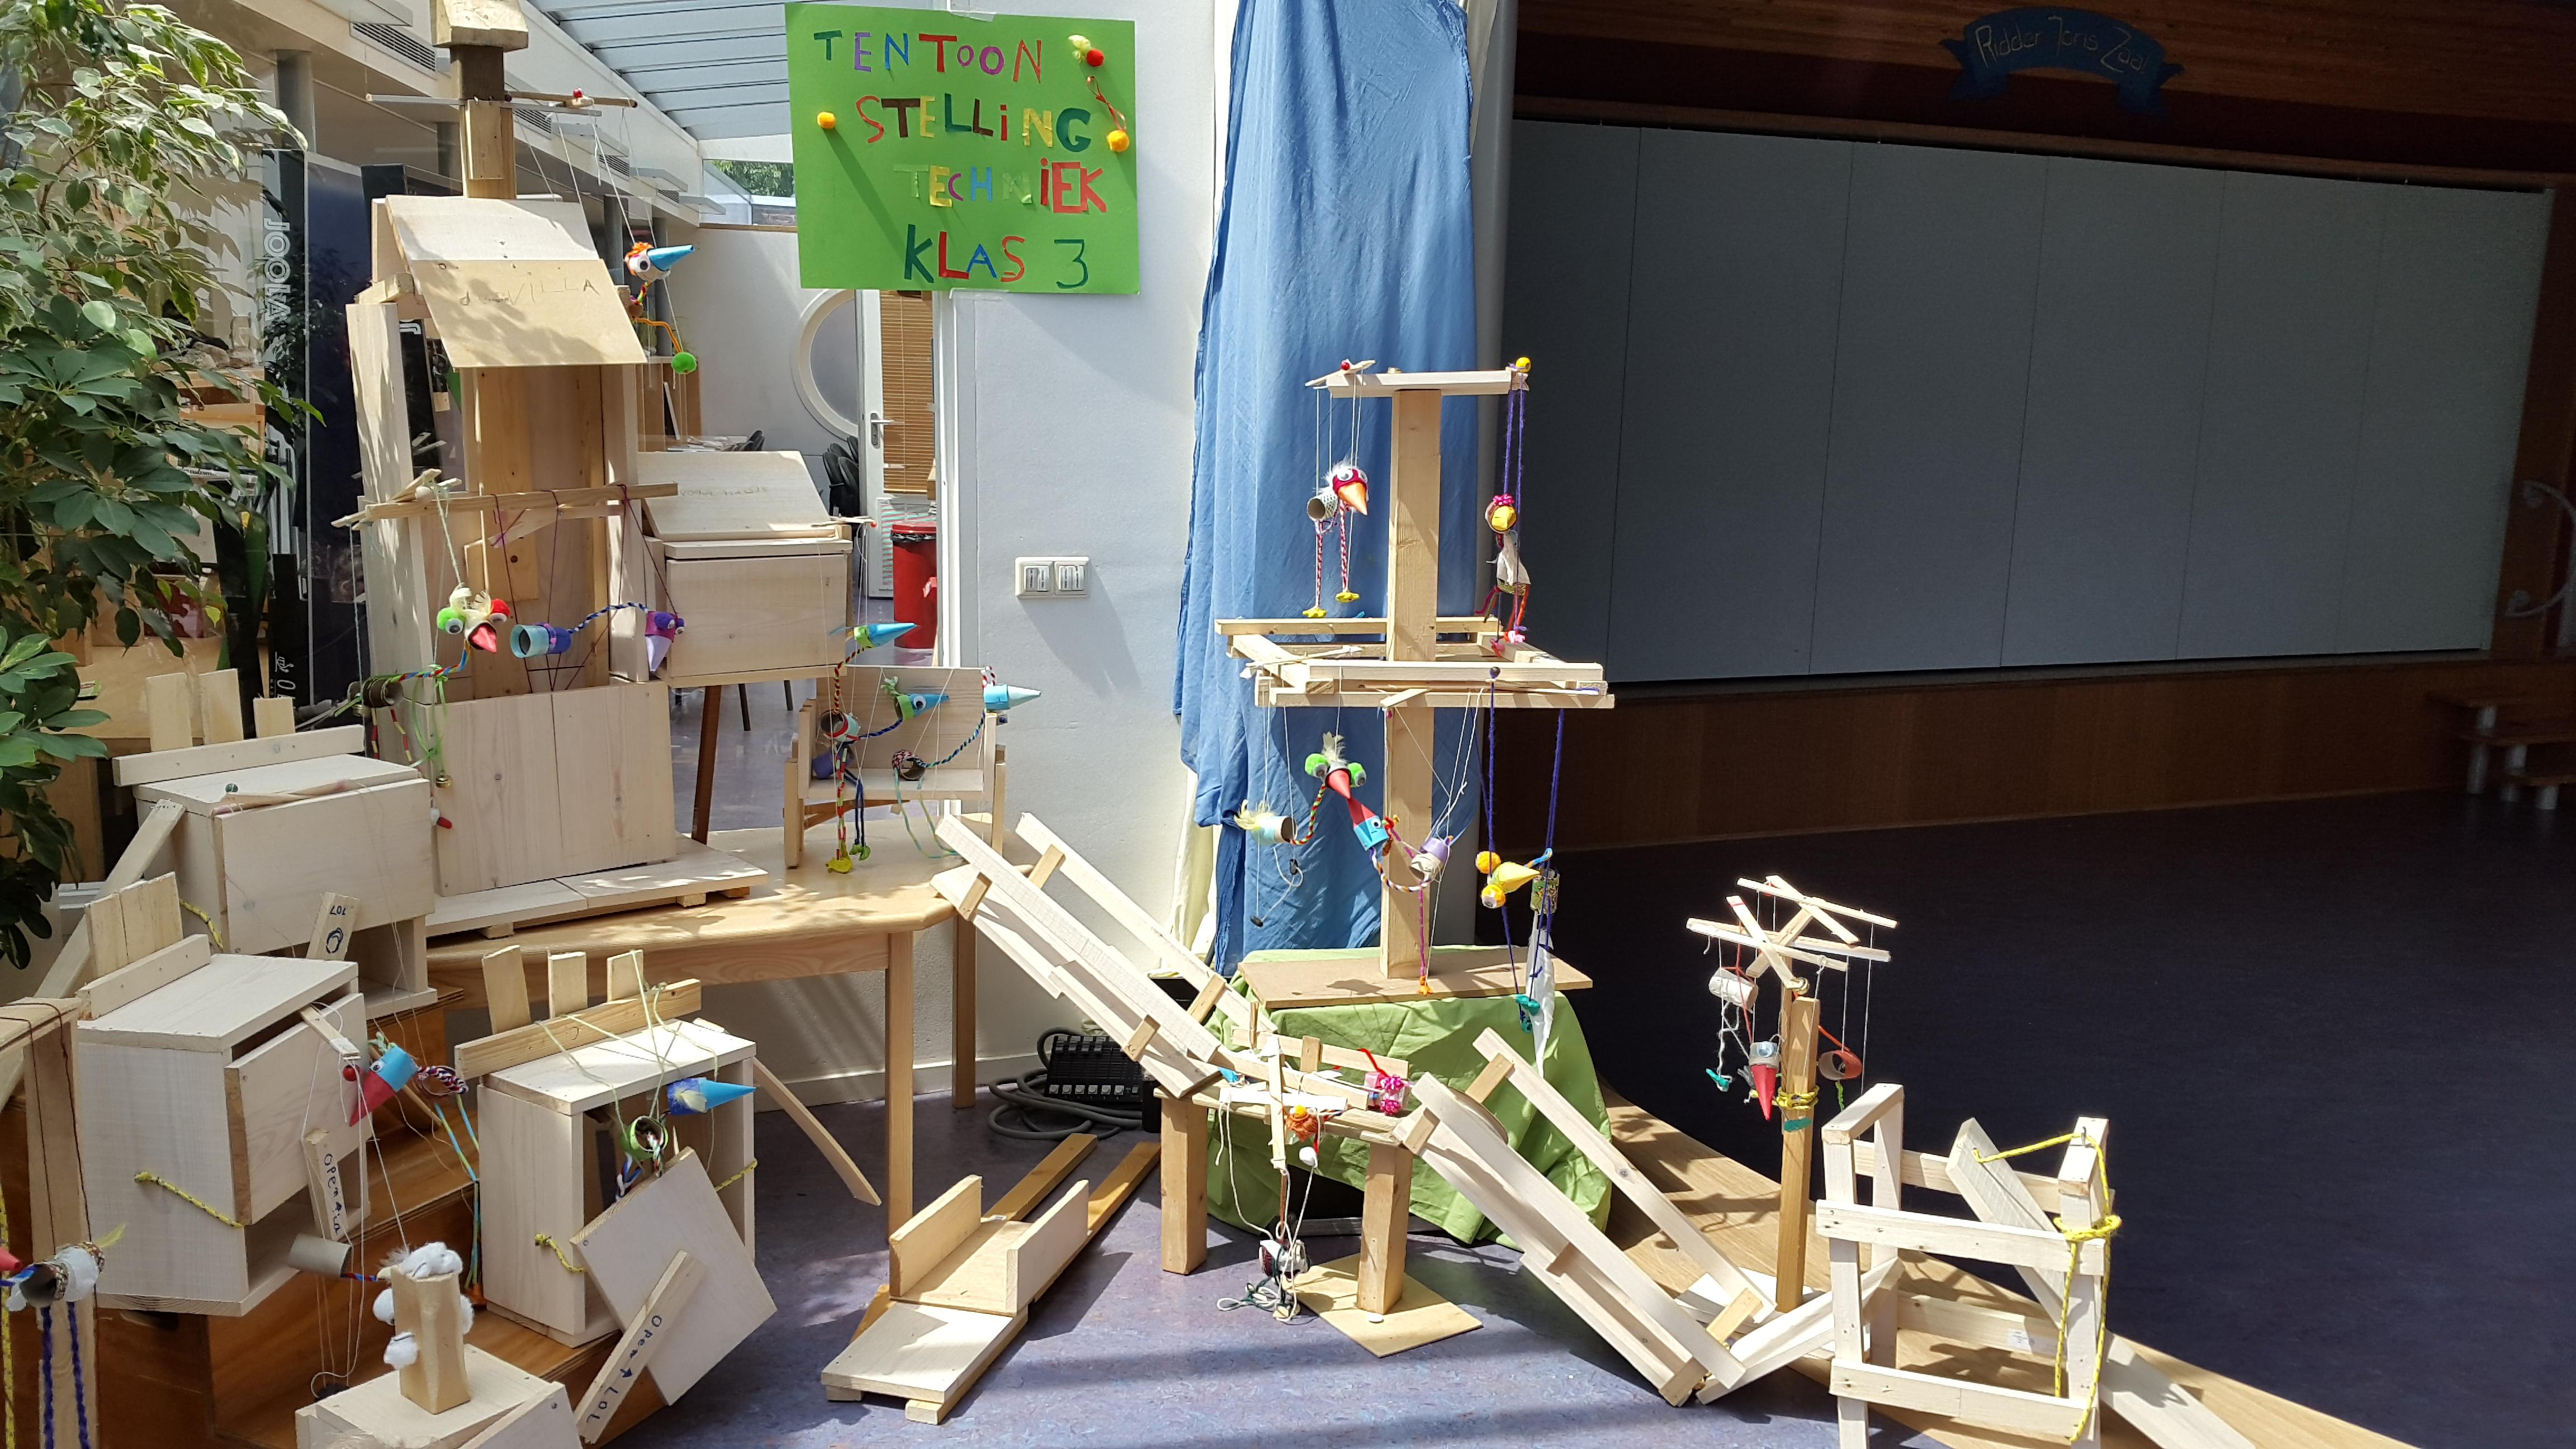 Populair Techniek tentoonstelling klas 3 - Vrije School Zwolle LB26